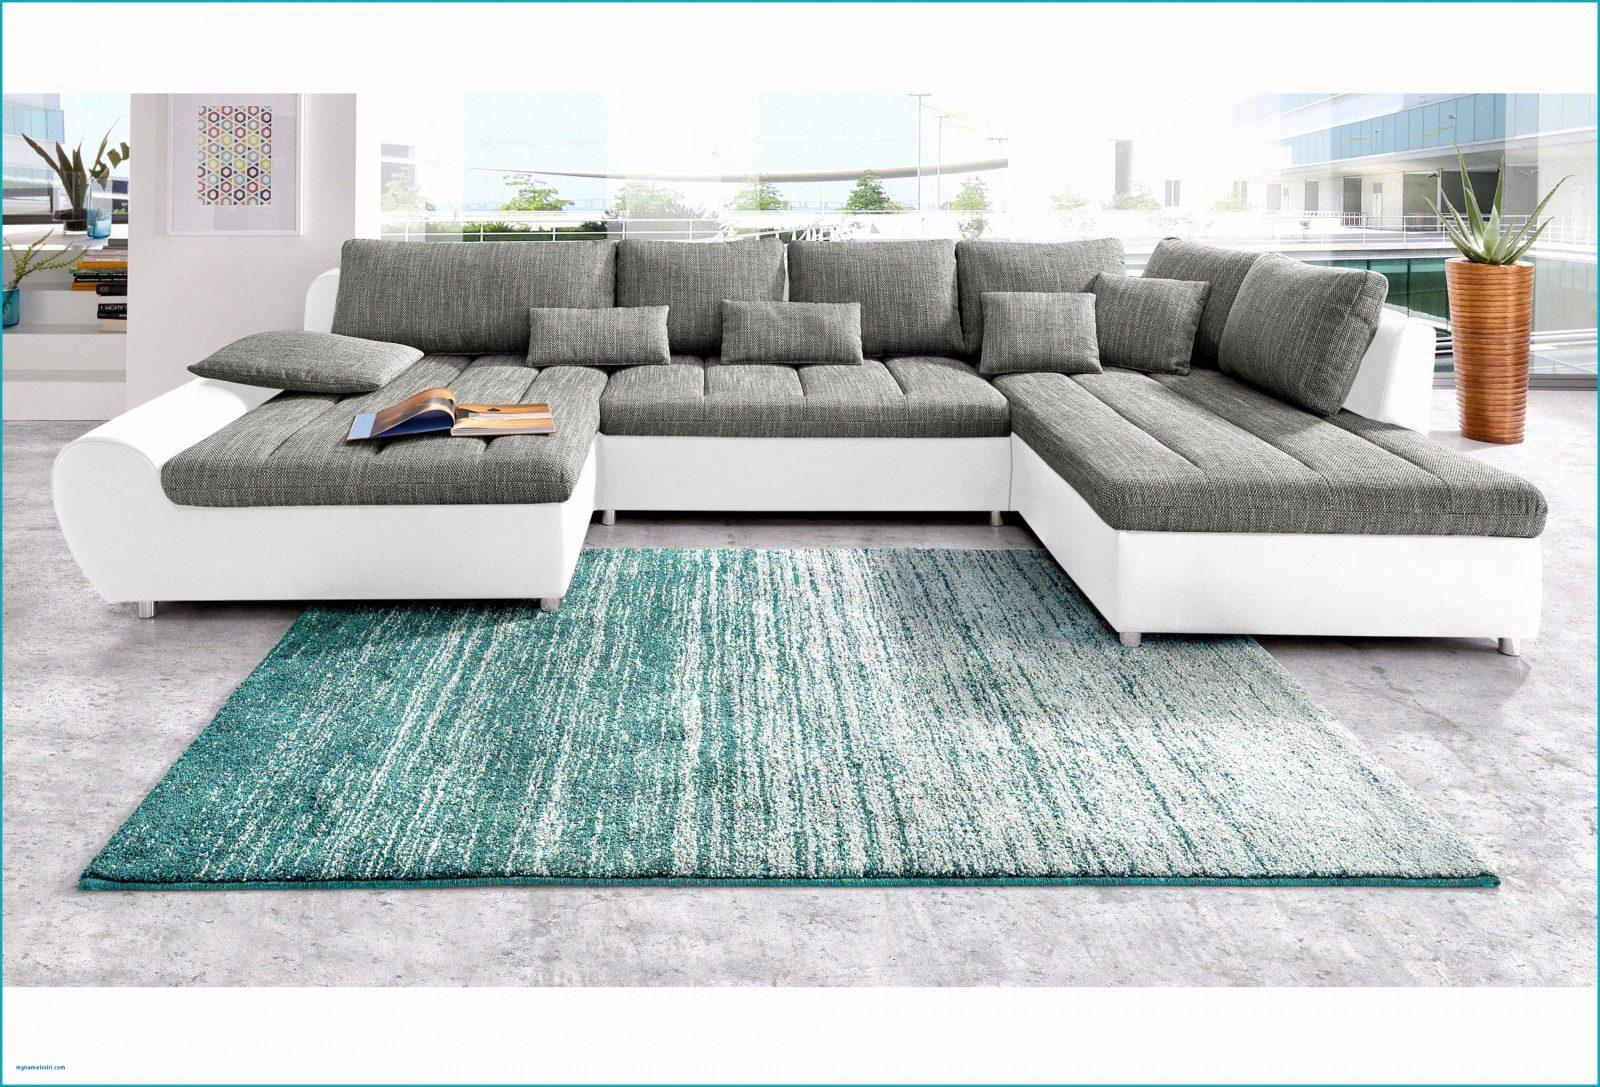 Sofa Auf Rechnung Als Neukunde Gallery Of Auf Rechnung Bestellen von Couch Auf Rechnung Als Neukunde Bild